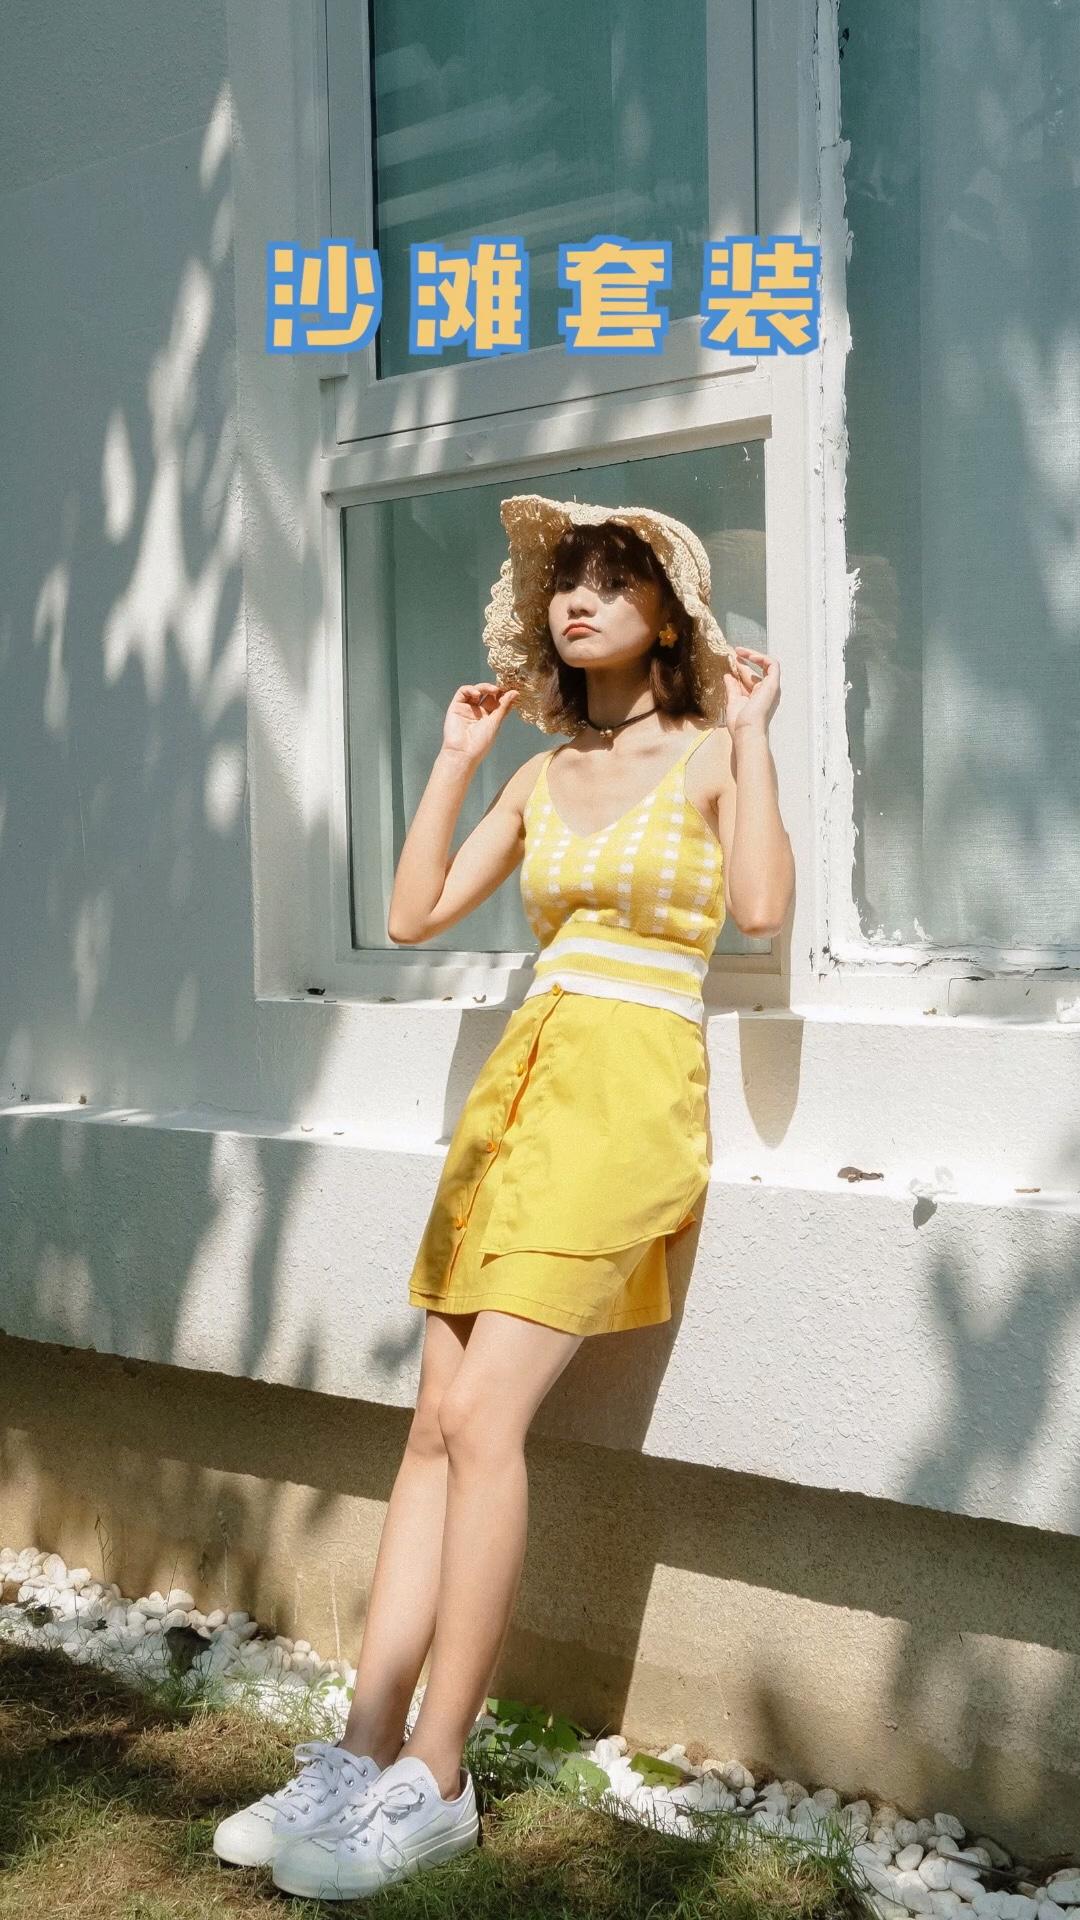 🏖️一起去海边吧 黄色格子吊带➕黄色短裙➕沙滩帽➕白色帆布鞋➕黄色小花耳环 夏天就该秀出你优秀的锁骨,吊带是不可或缺的,这一身黄色的搭配阳光鲜艳,让你的美肩无法隐藏!就穿这一身和朋友们一起去海边吧!   #38度,露肌穿搭透心凉#